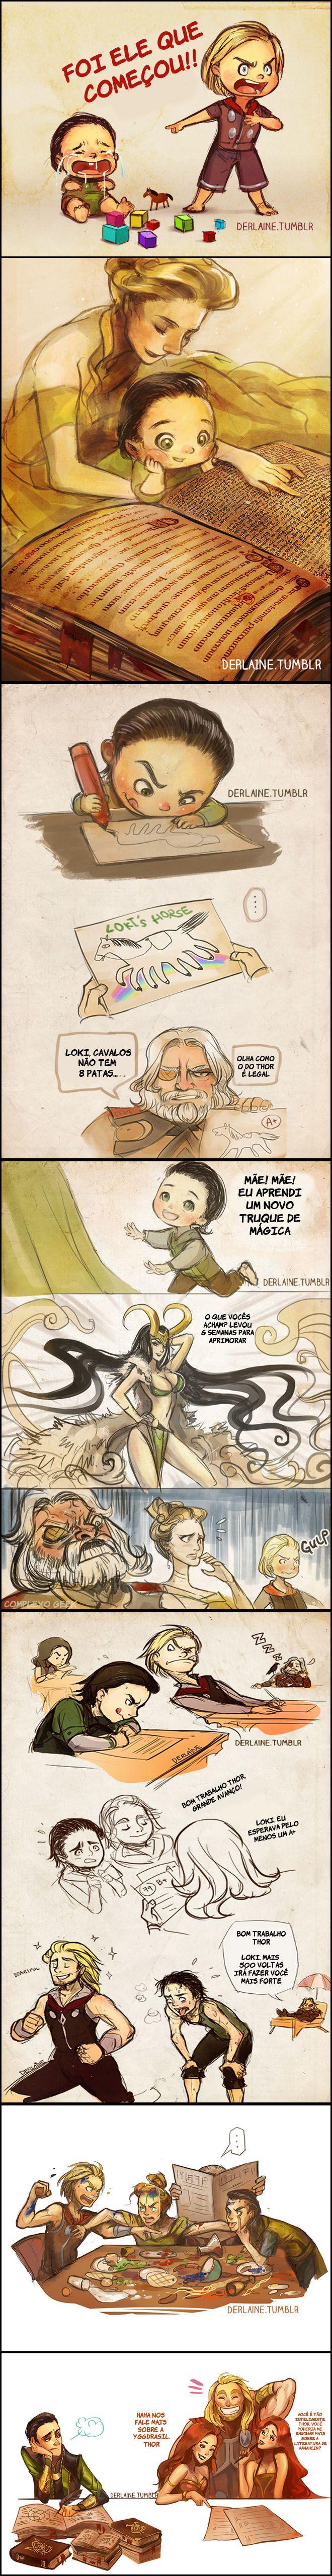 Eis uma série de ilustrações da artista Lainemostrando como foi a infância de Loki junto com o irmão Thor, na visão dela é claro.  Não esquenta Loki